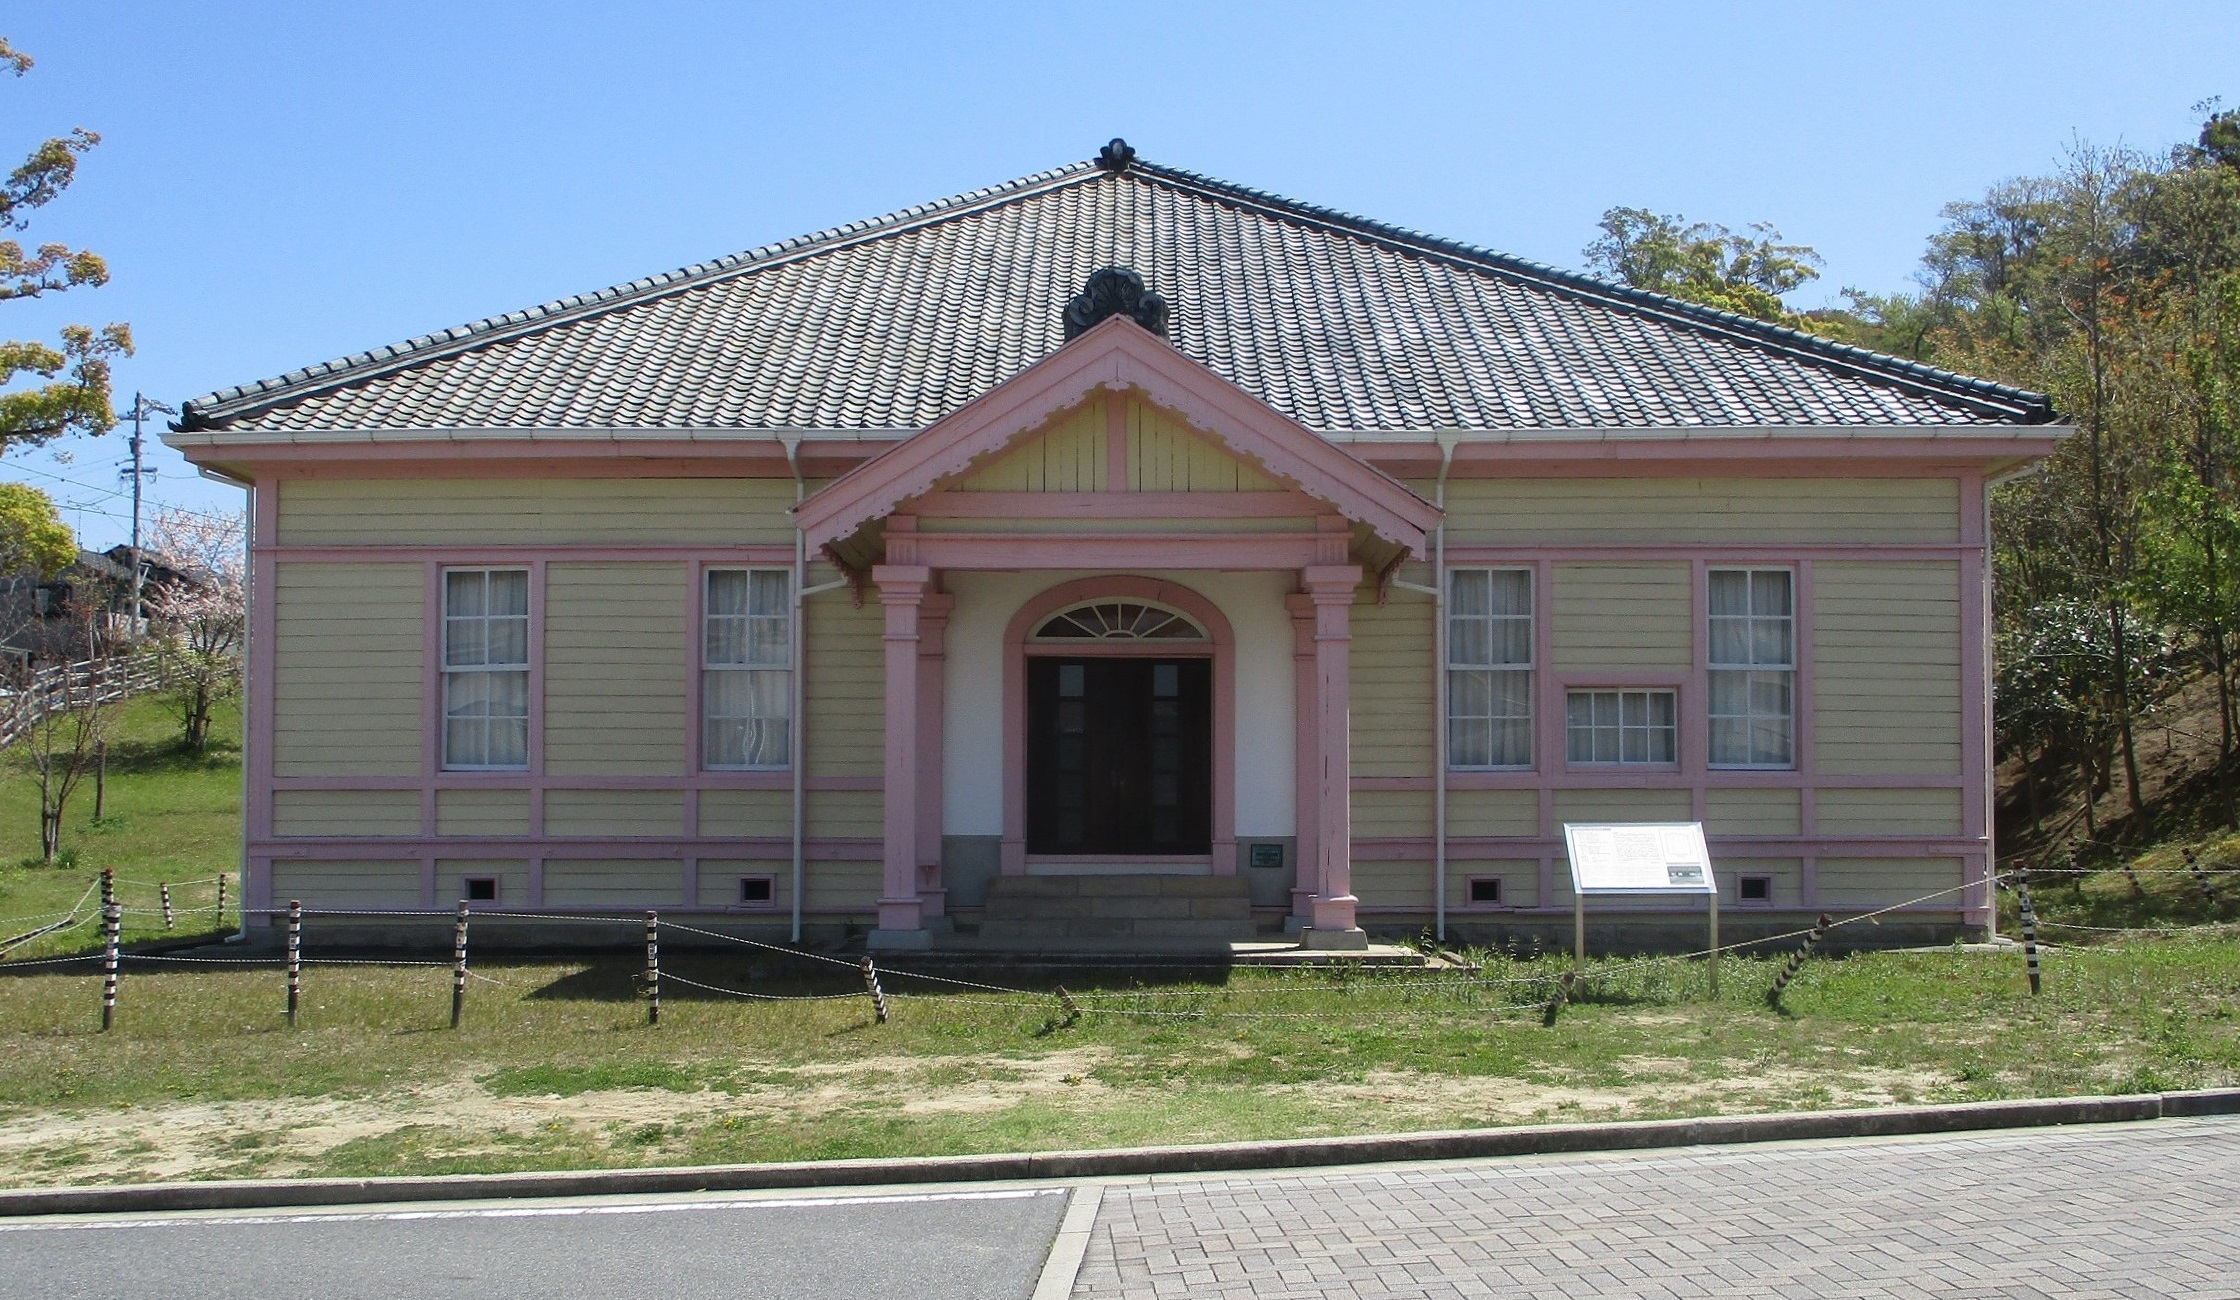 2020.4.14 (1-1) 旧愛知県第二尋常中学校講堂 2240-1300